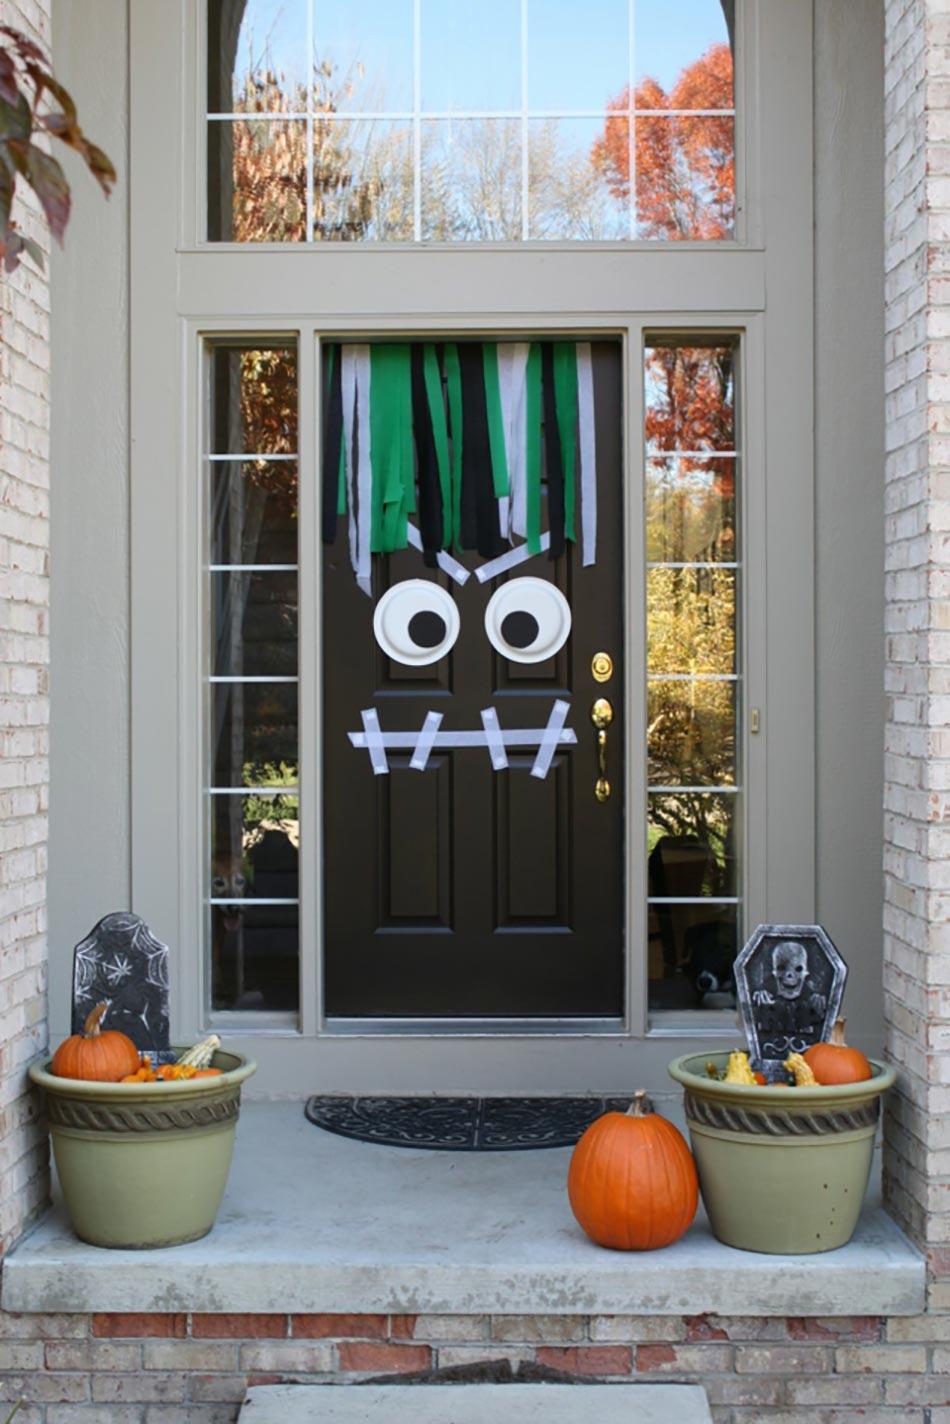 La terrifiante d coration halloween pour la porte d entr e design feria - Idee deco porte d entree ...